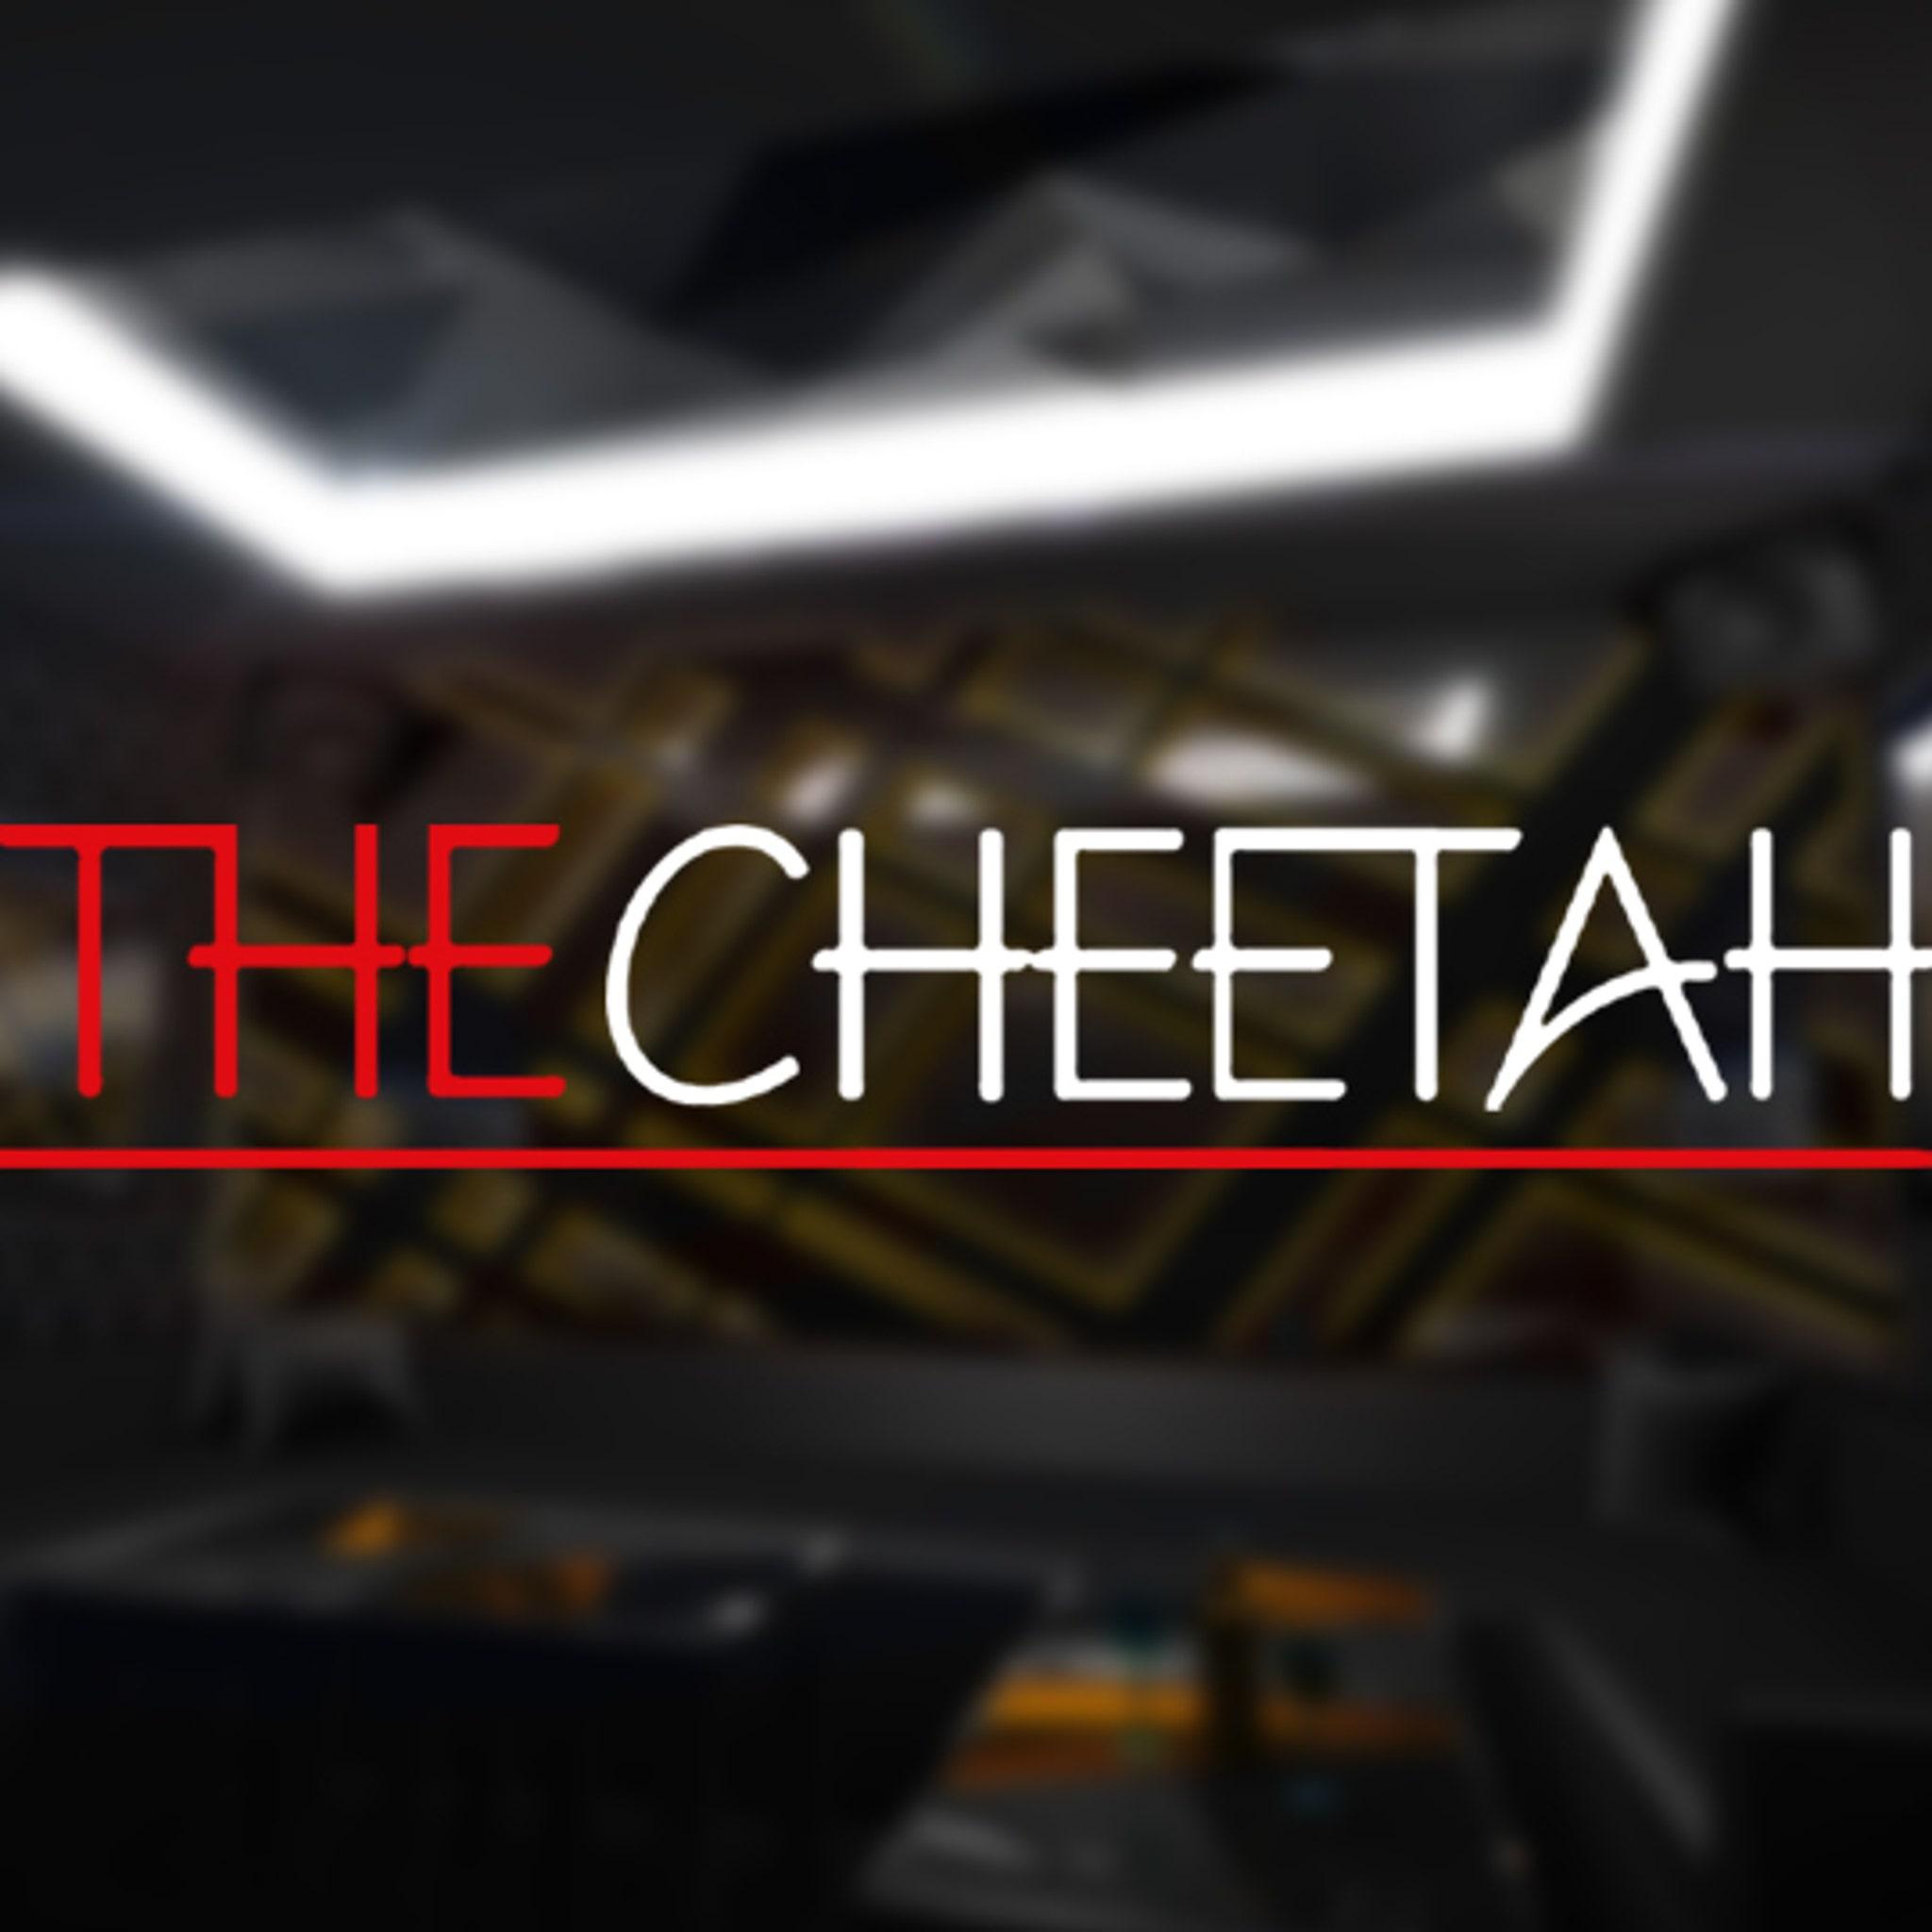 atlanta cheetah strip club